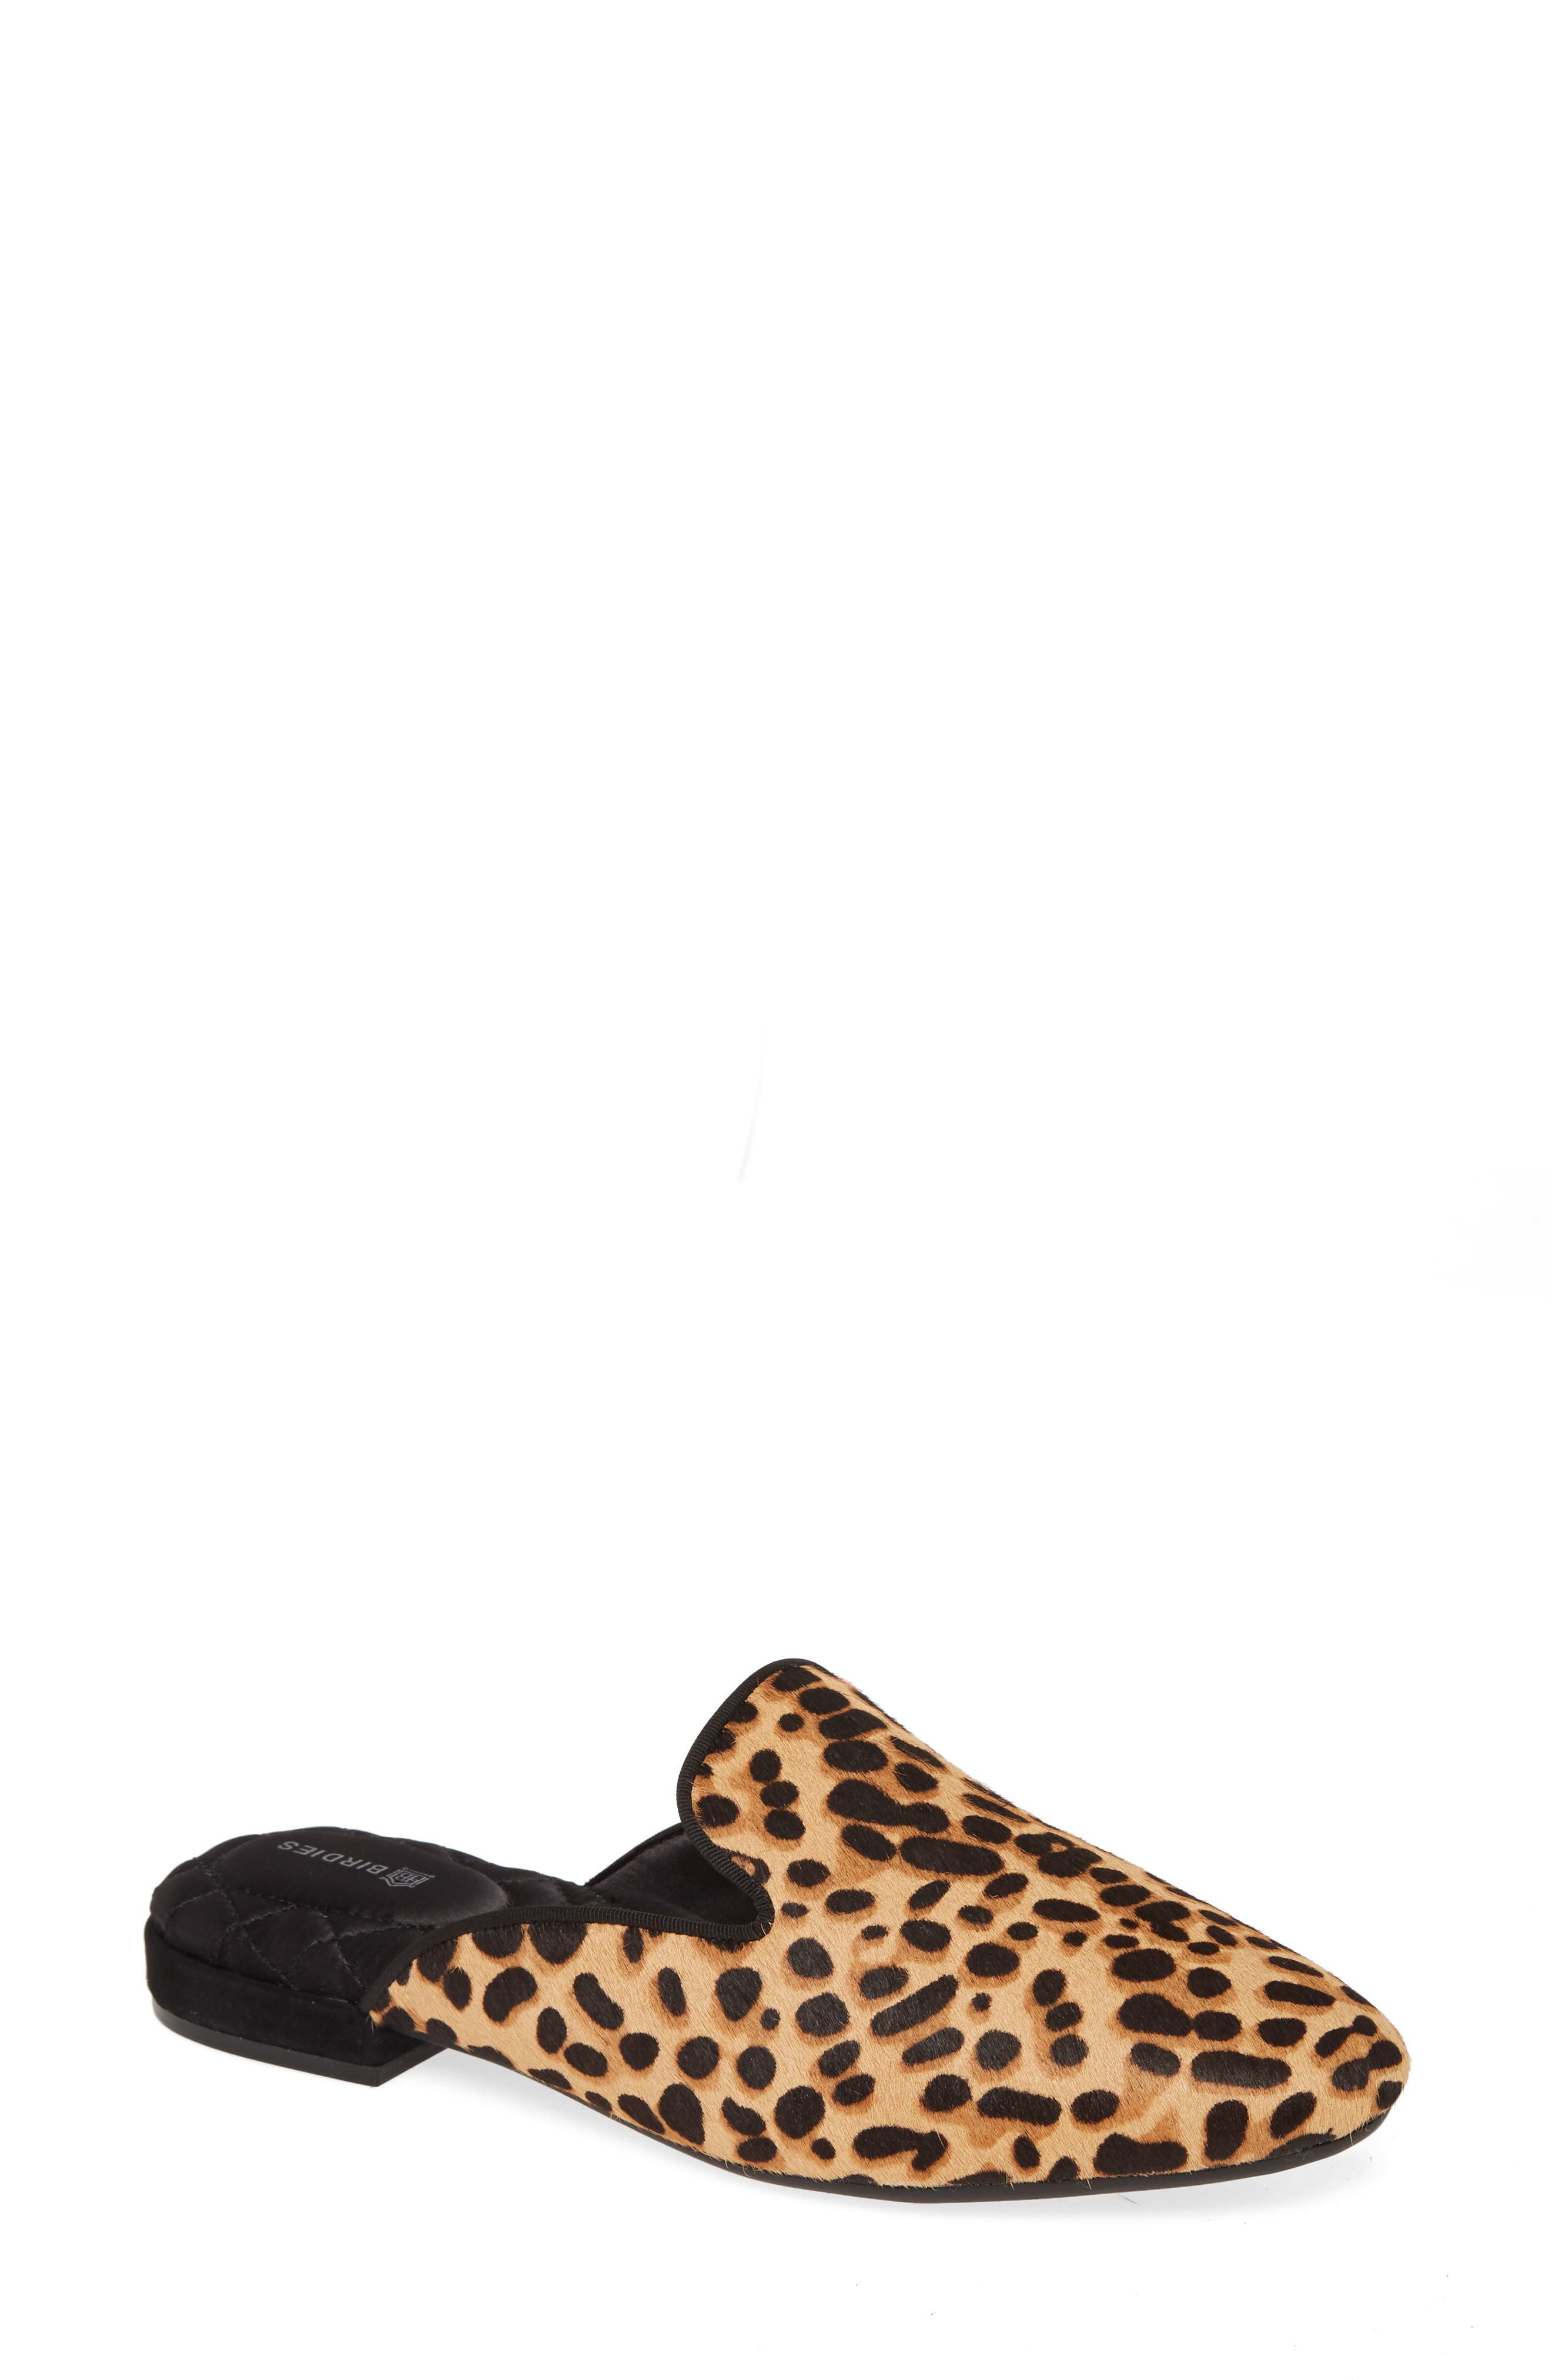 Women's Flat Birdies Shoes | Nordstrom